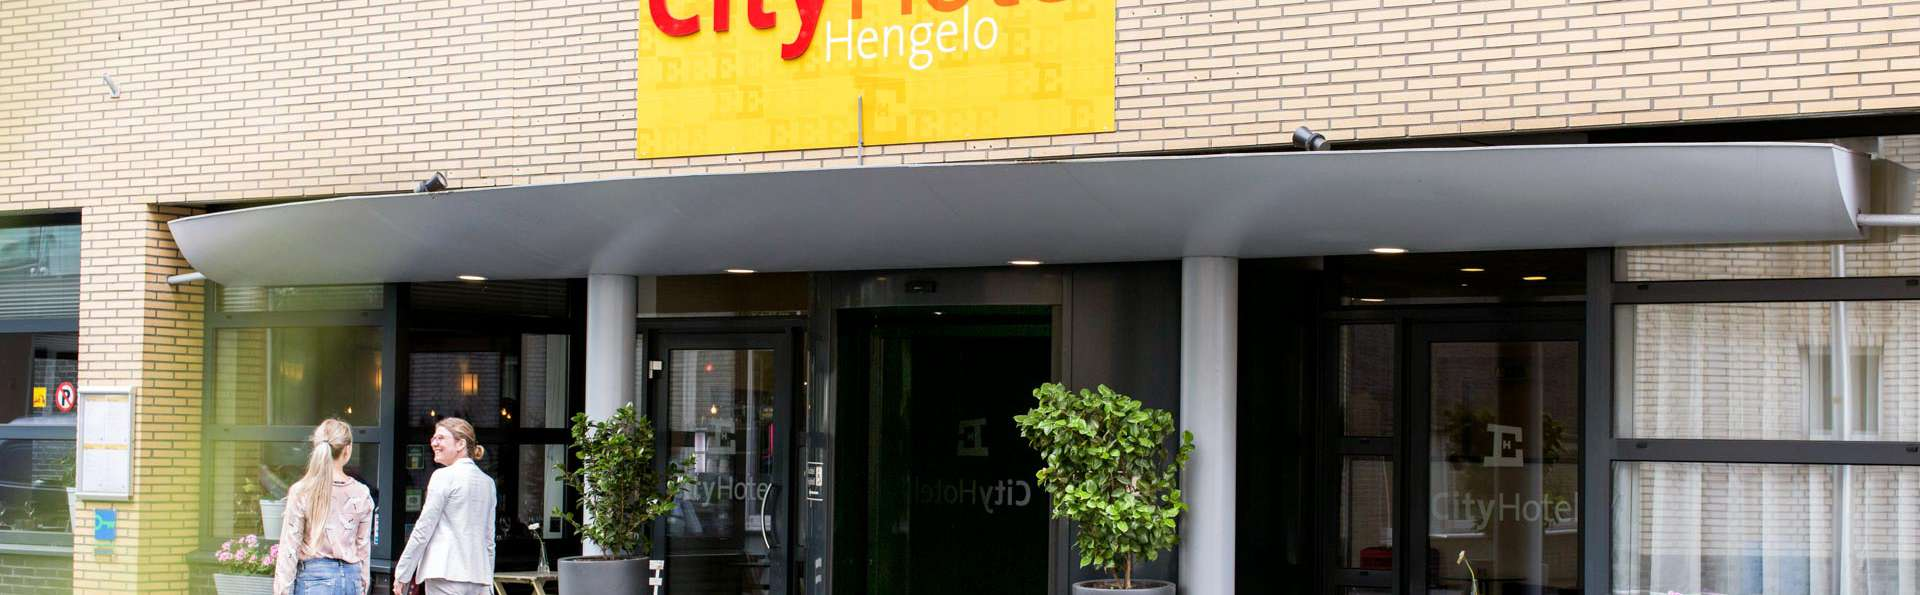 City Hotel Hengelo - EDIT_NEW_FRONT_02.jpg